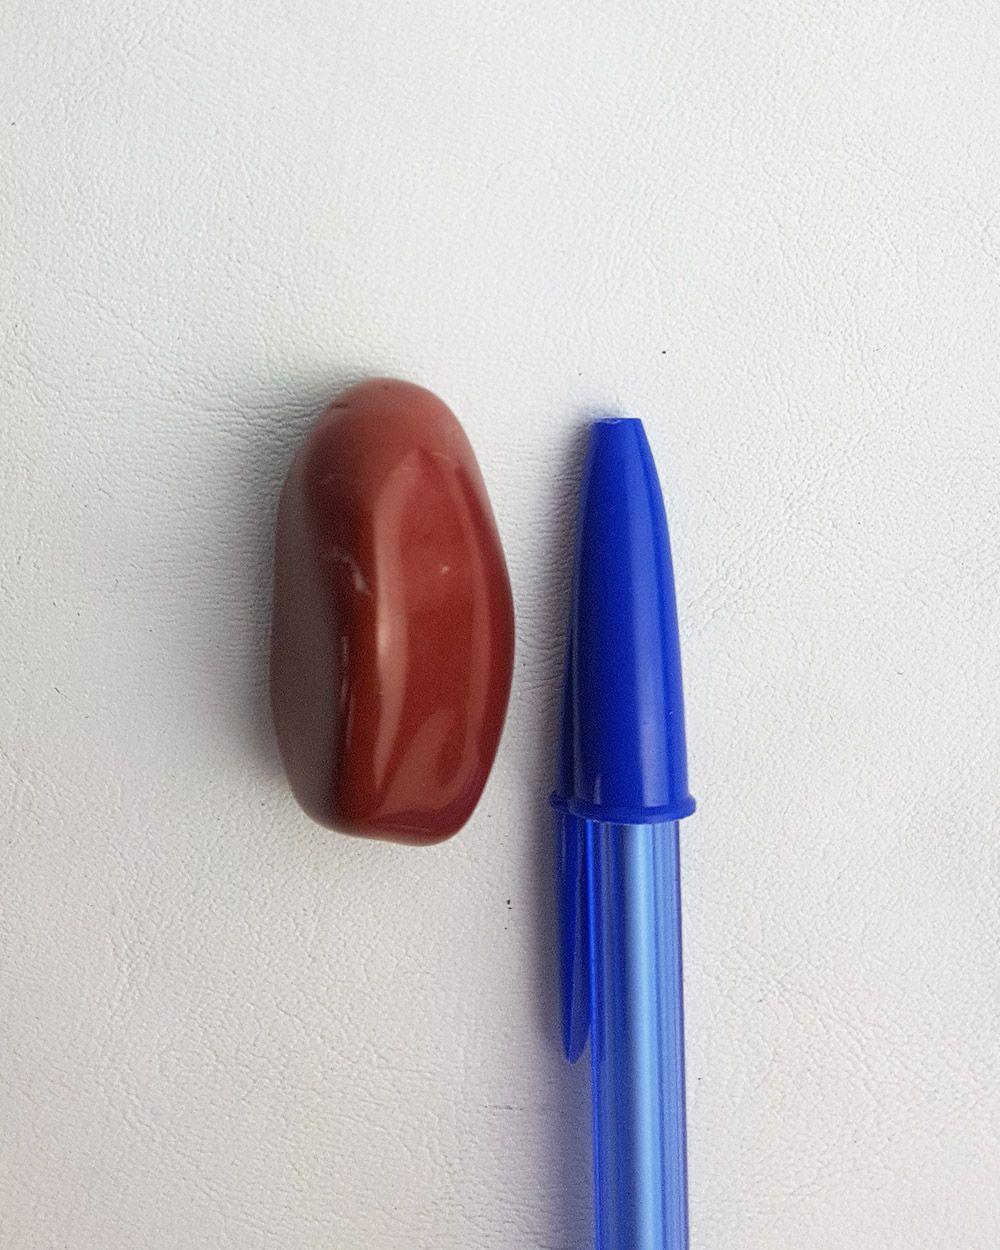 JASPE VERMELHO ROLADO - UNIDADE - Média 2,8 a 3 cm